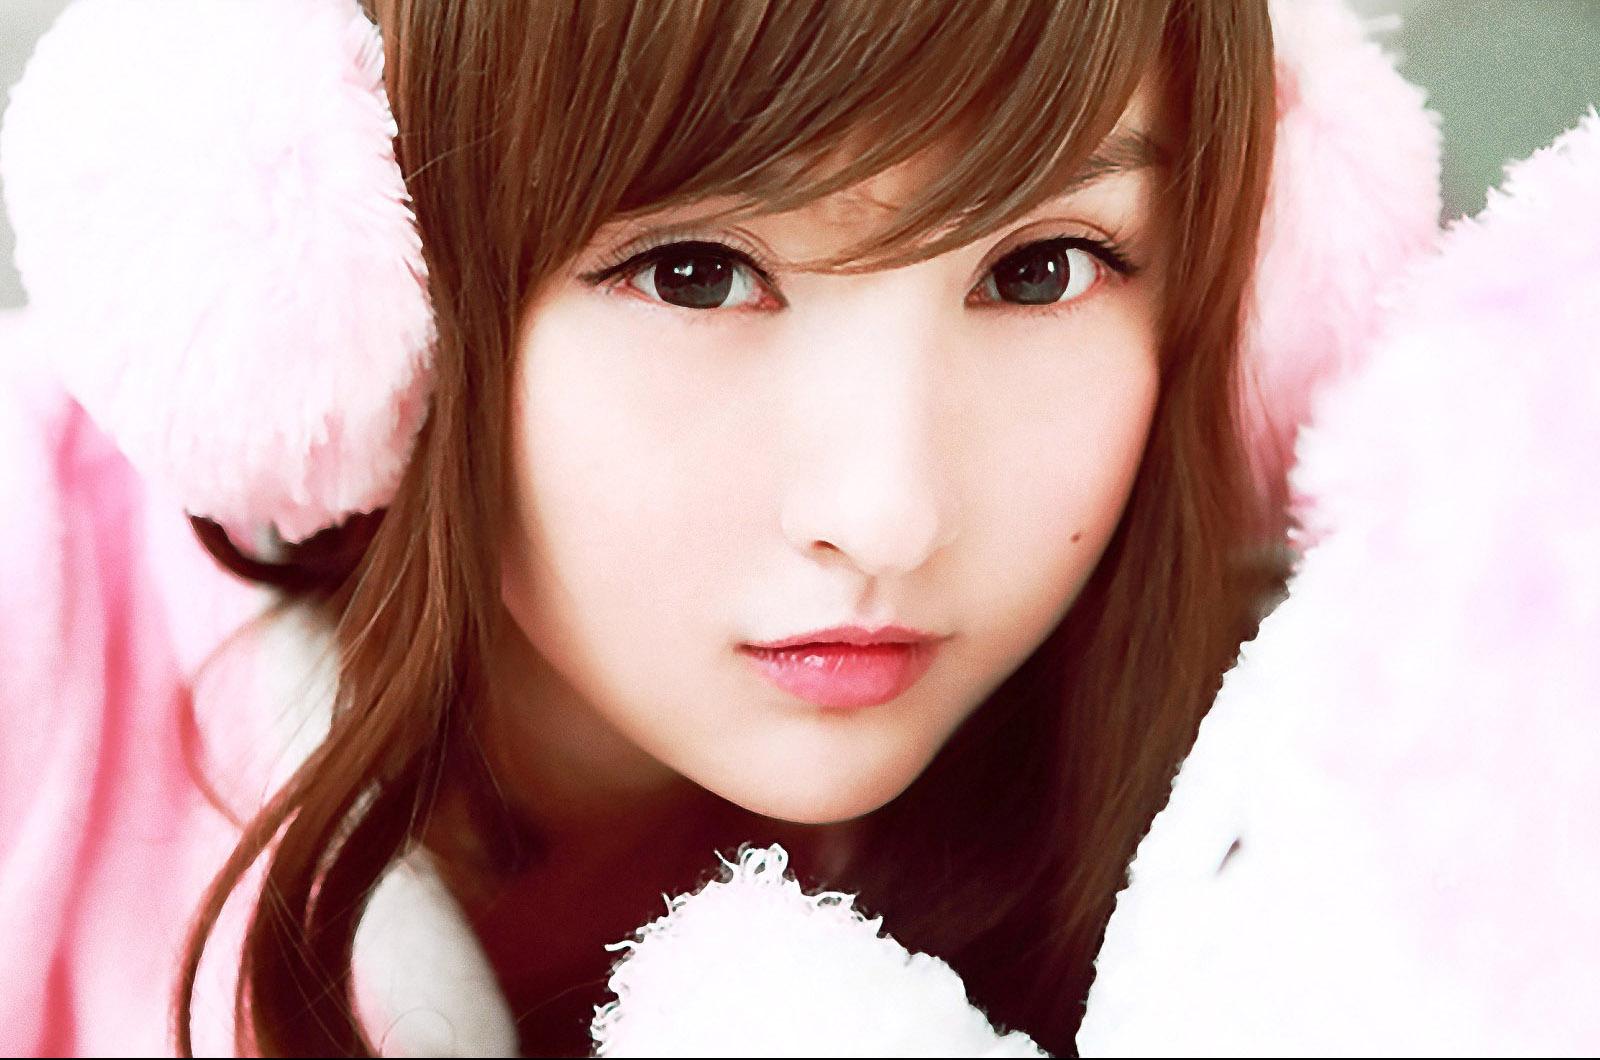 http://4.bp.blogspot.com/-_2n-EfEjj68/UEUmYun-XxI/AAAAAAAAAKc/RiVLKAZHEpo/s1600/lin-ketong-cute-a-wallpaper_1600x1060_84130.jpg